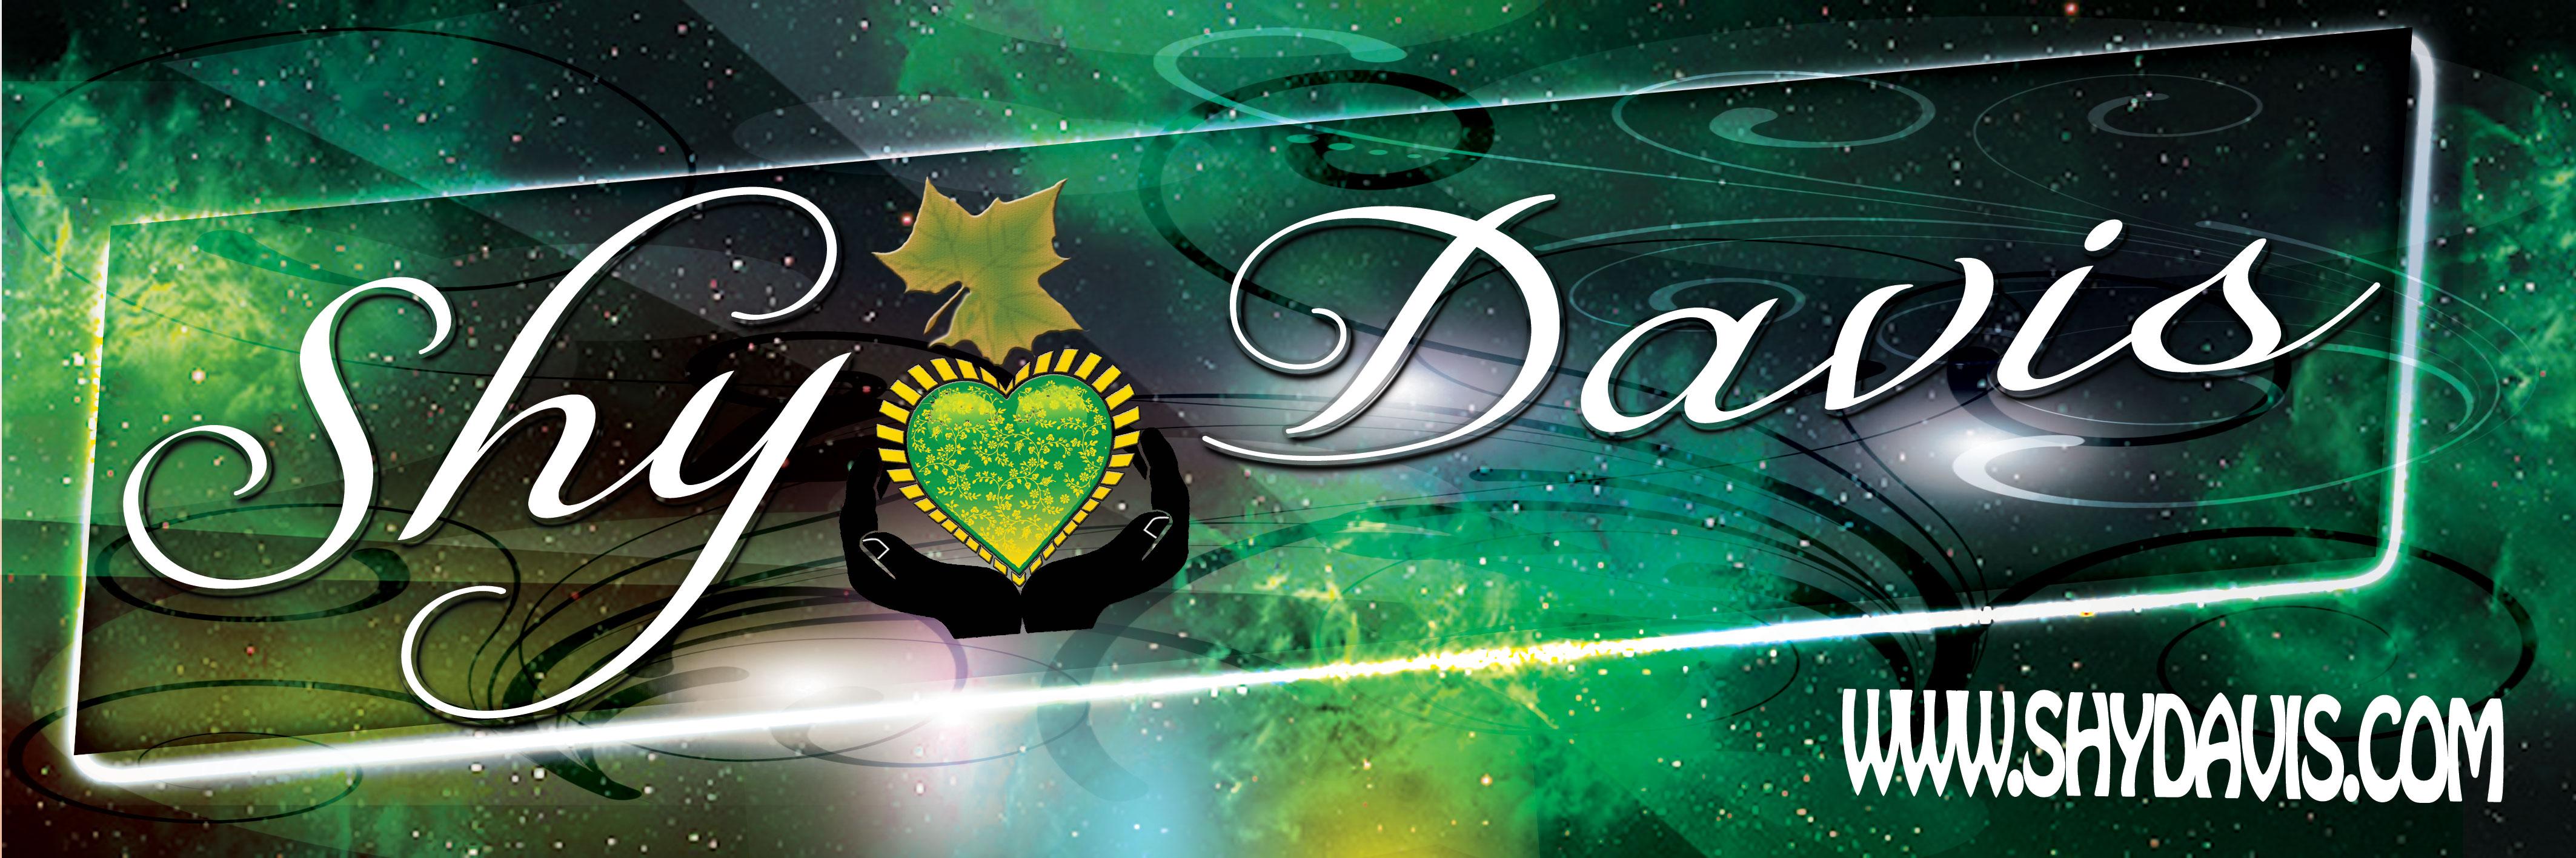 Shy-Davis-Banner-Stars